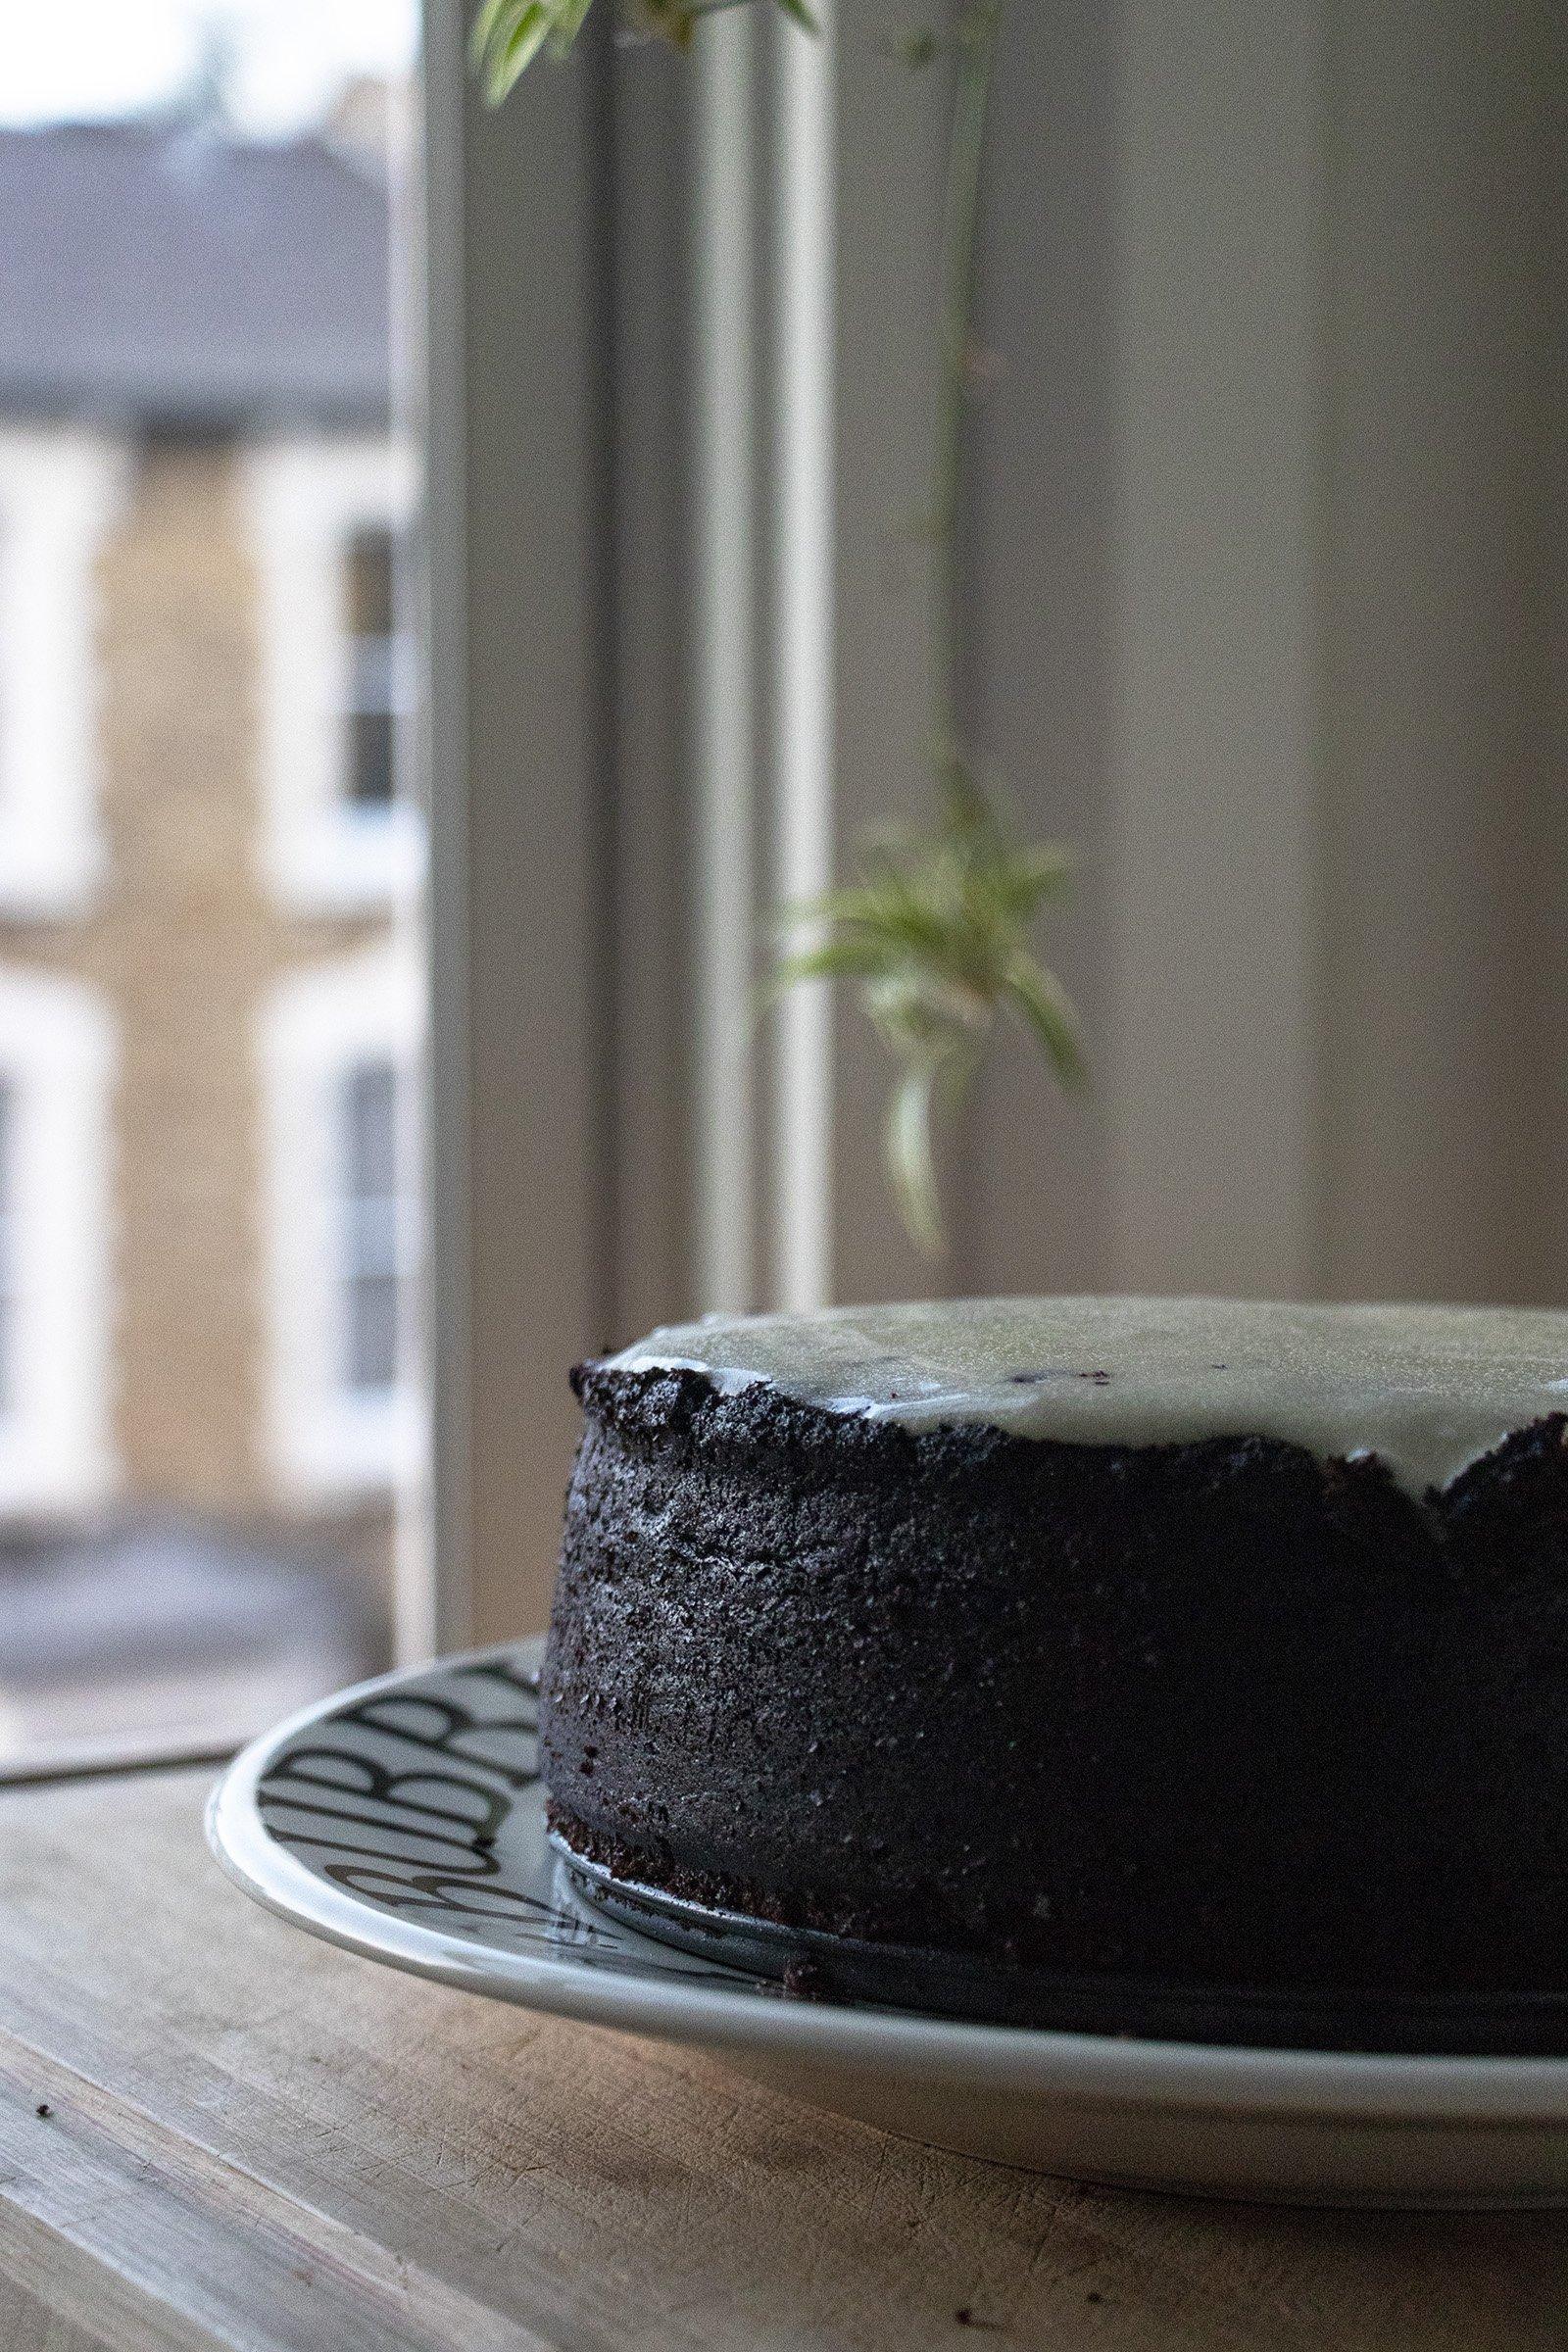 Best Guinness cake recipe